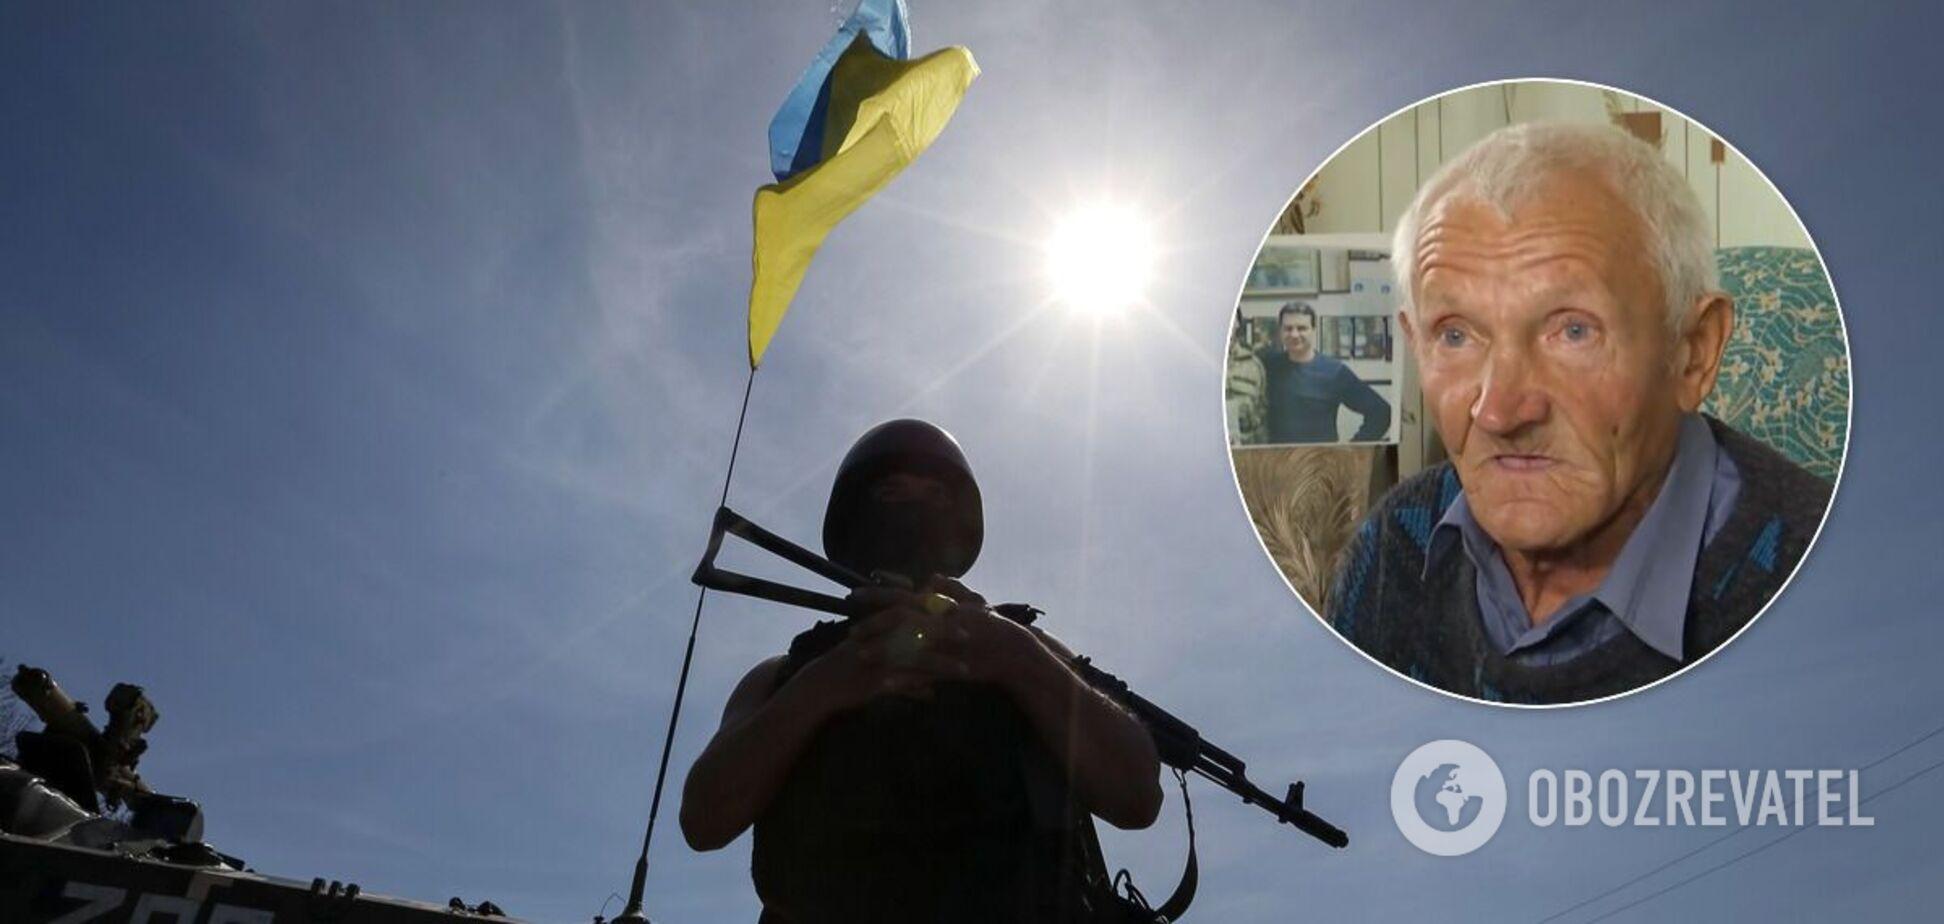 Отца погибшего защитника Украины обокрали